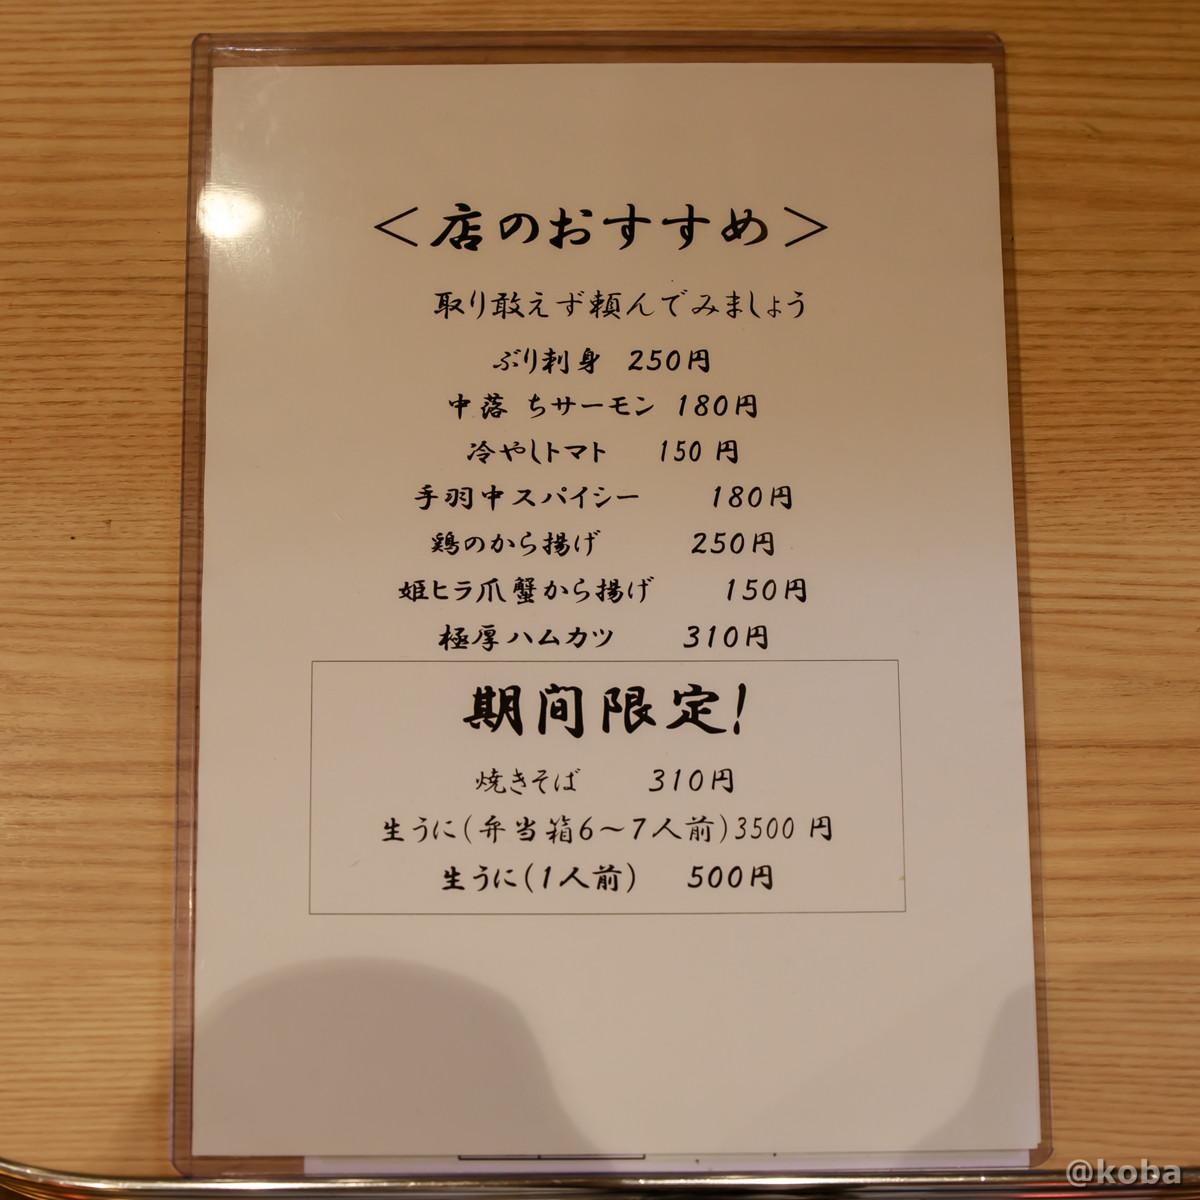 店のおすすめメニュー 亀戸 晩杯屋(バンパイヤ)激安居酒屋 立呑み&テーブル席